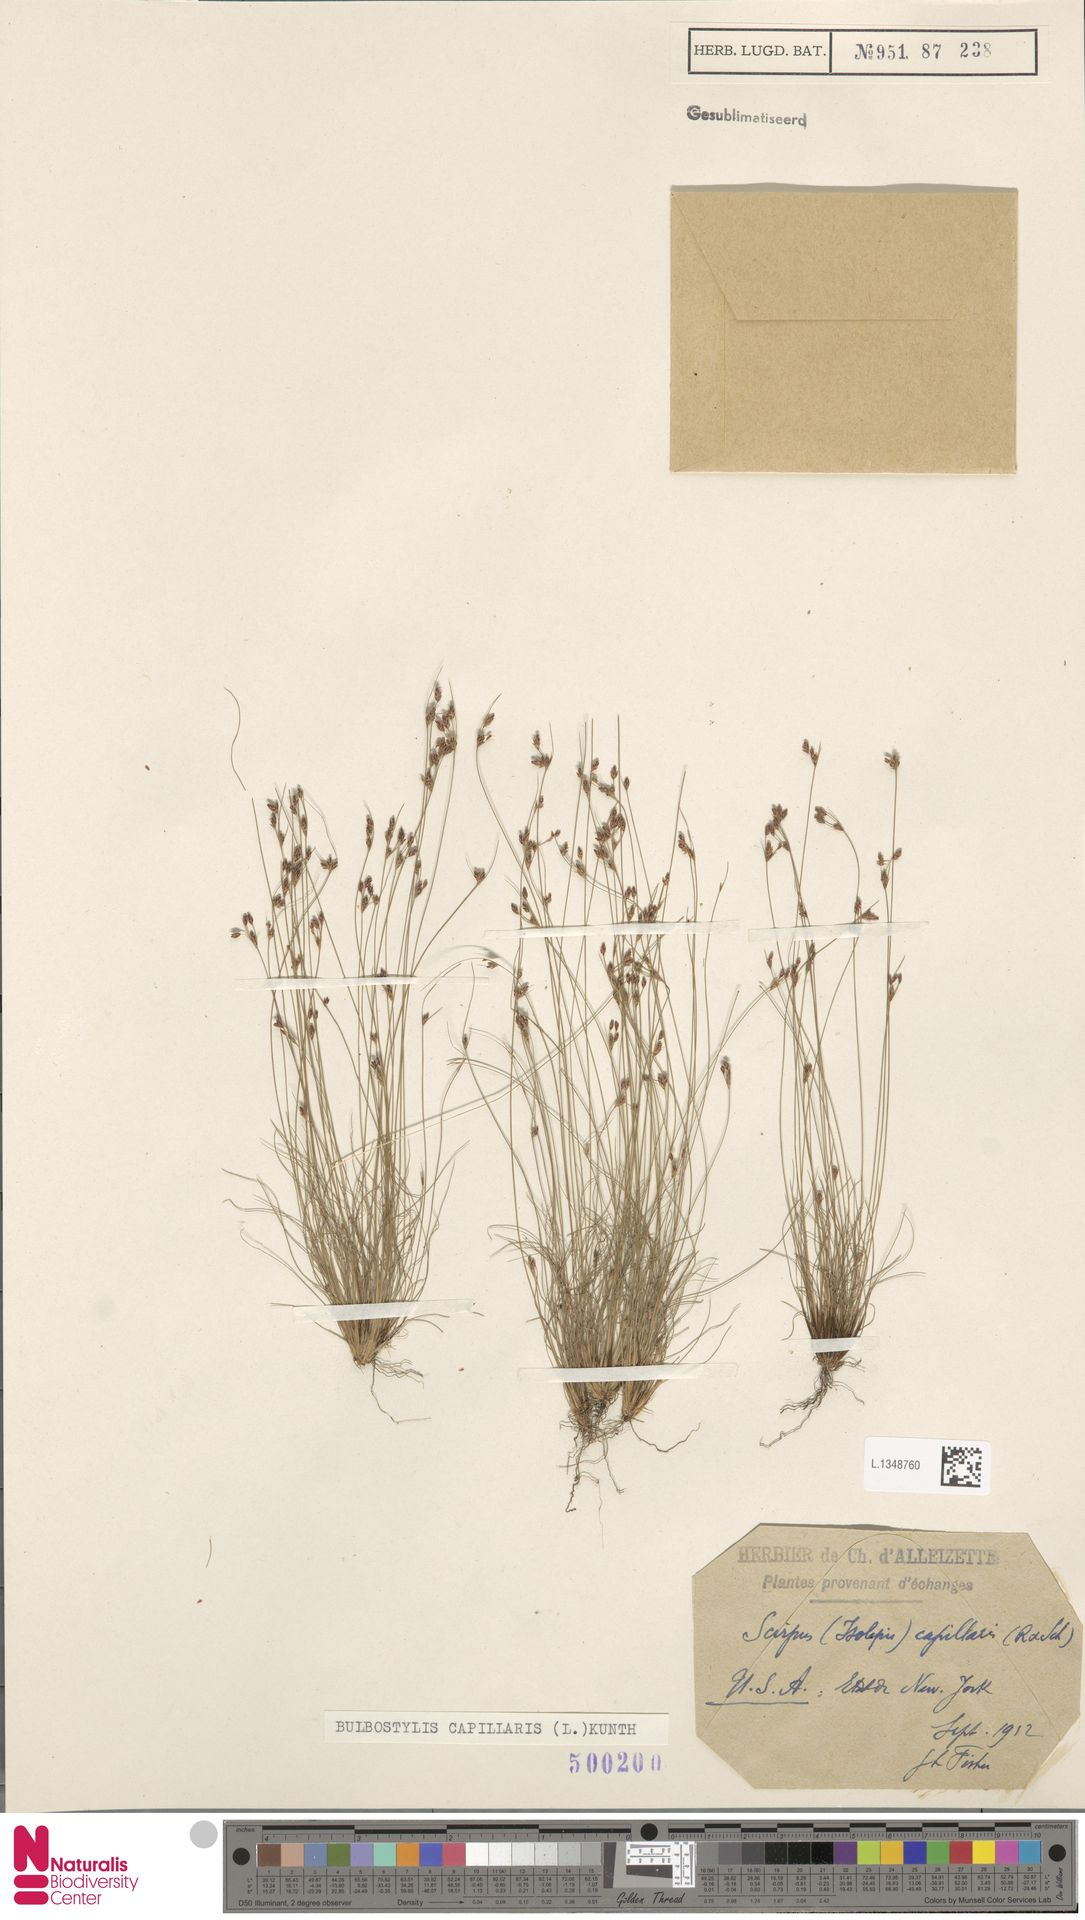 L.1348760 | Bulbostylis capillaris (L.) Kunth ex C.B.Clarke